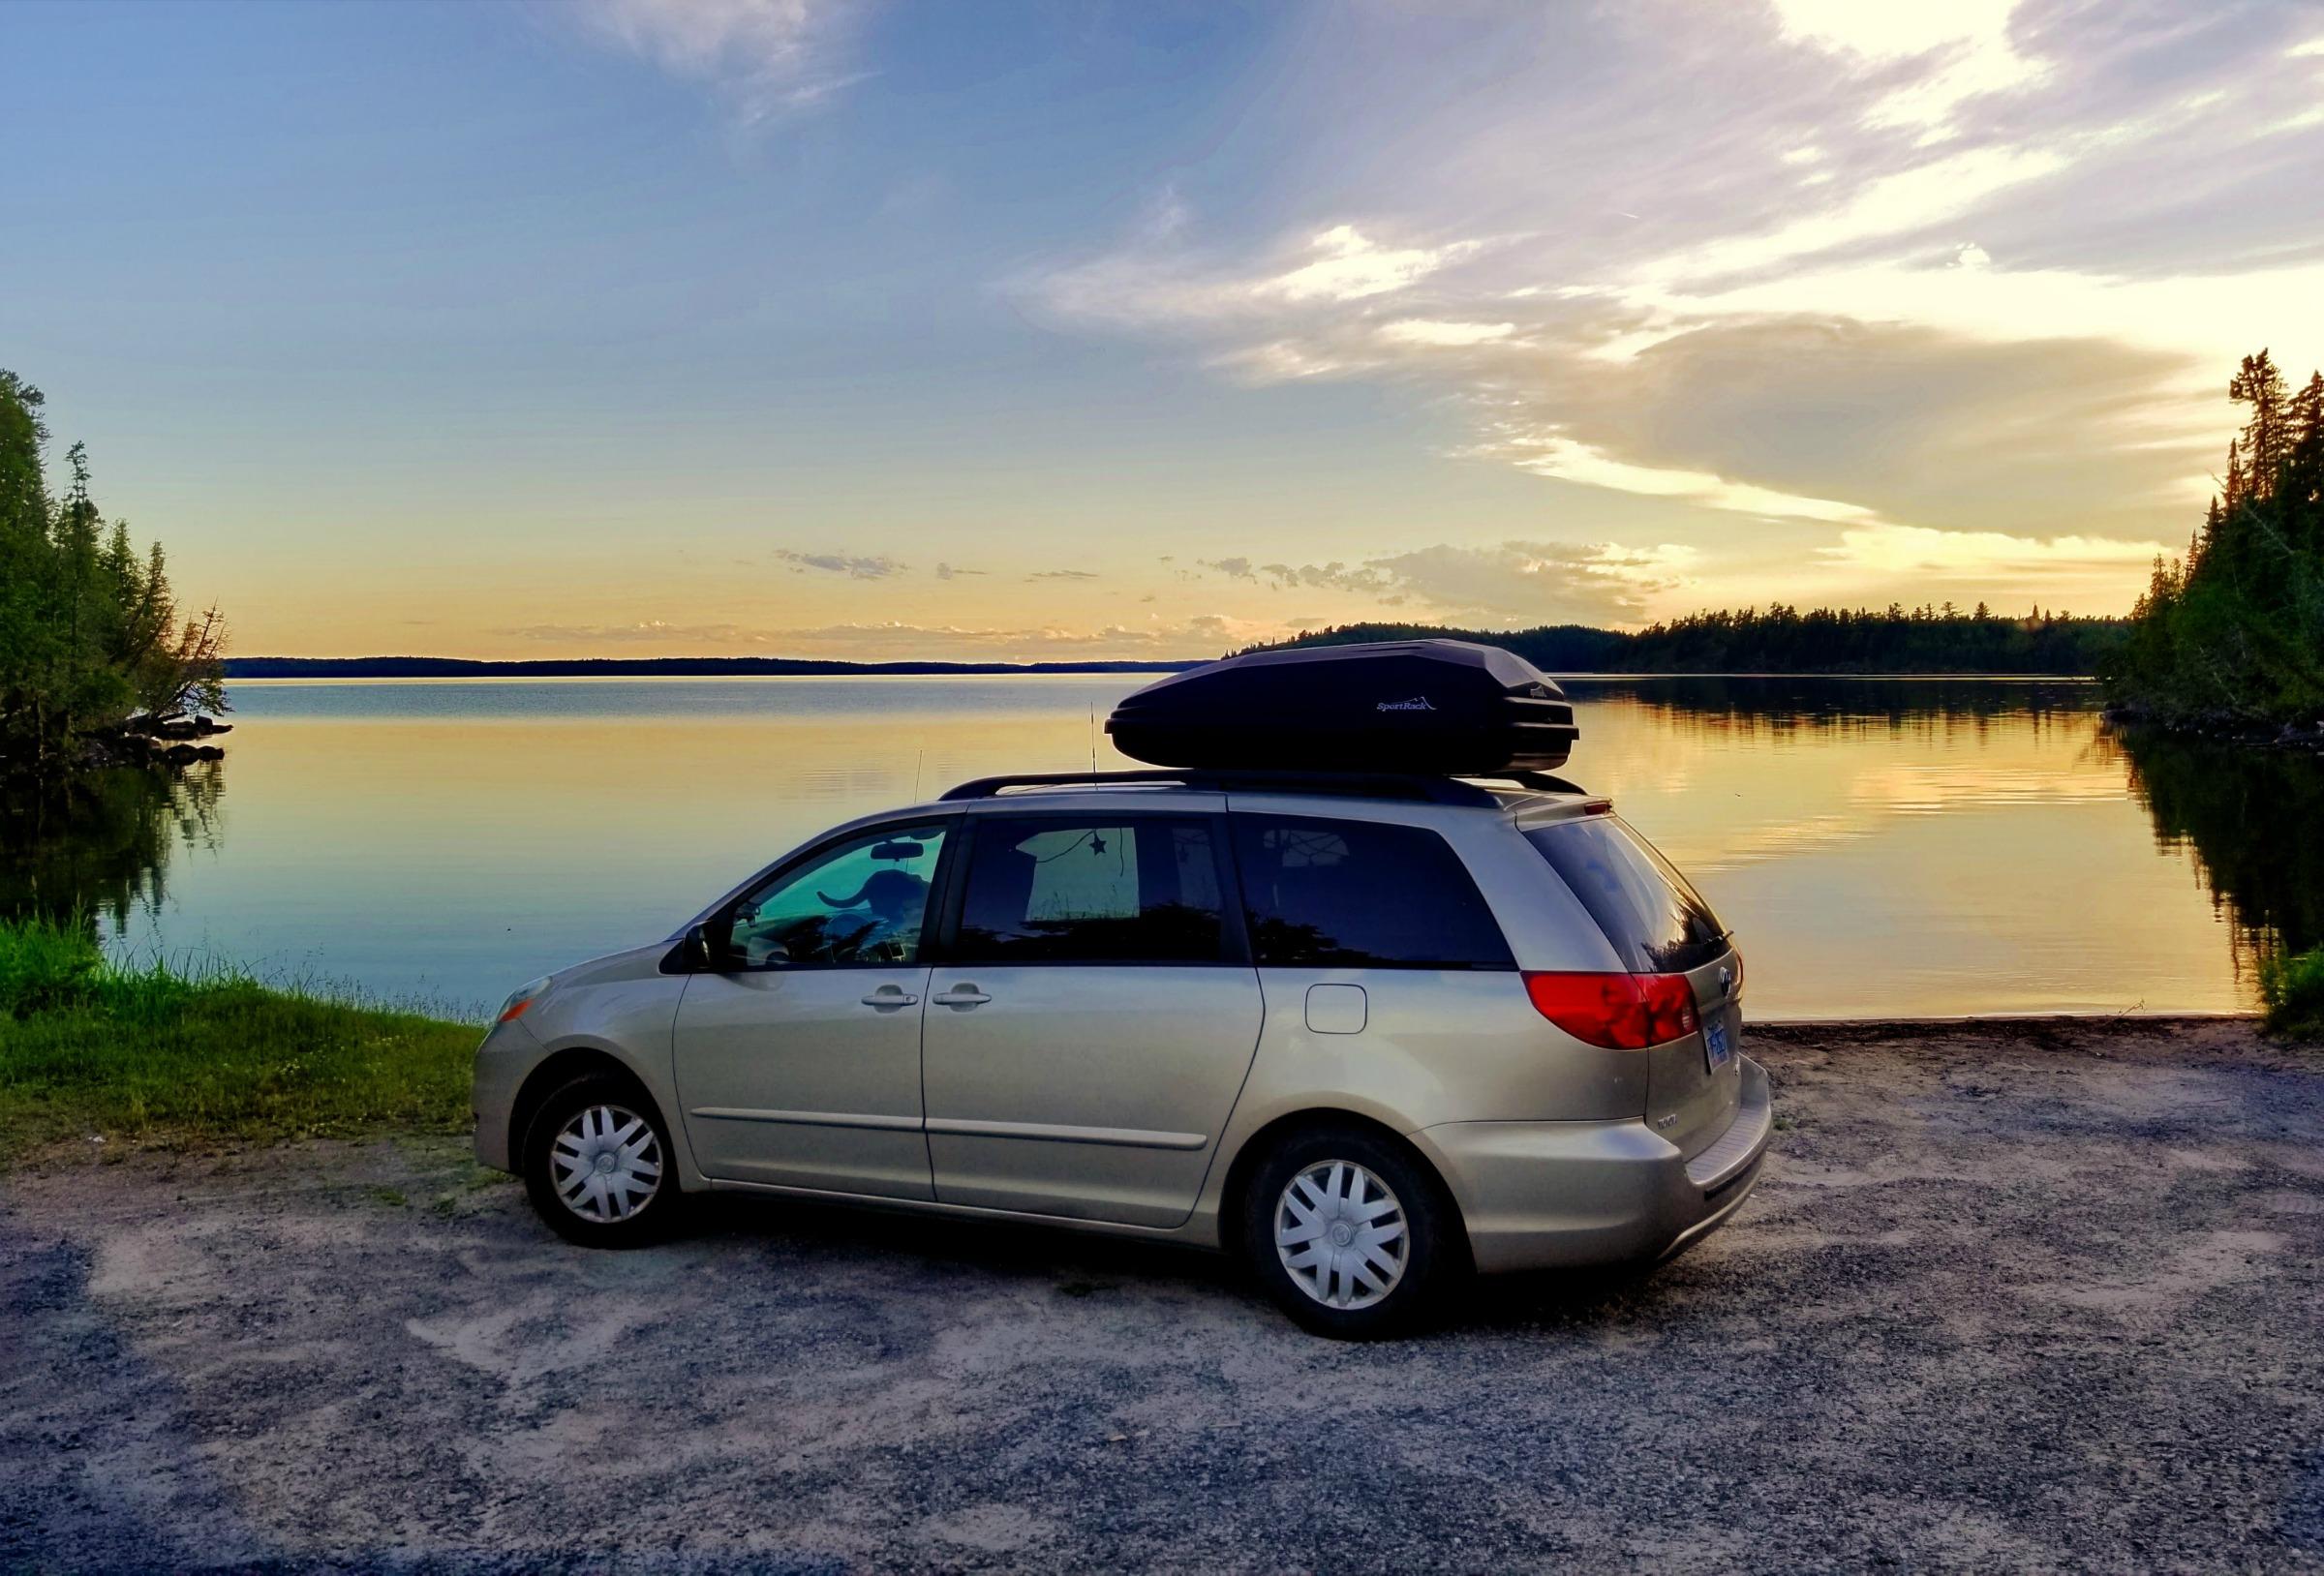 My minivan home